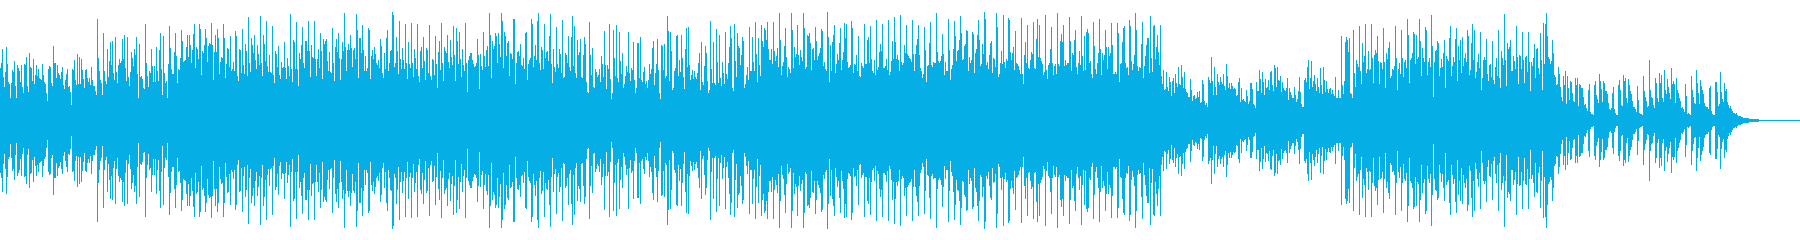 明るく楽しい4つ打ちシンセポップの再生済みの波形